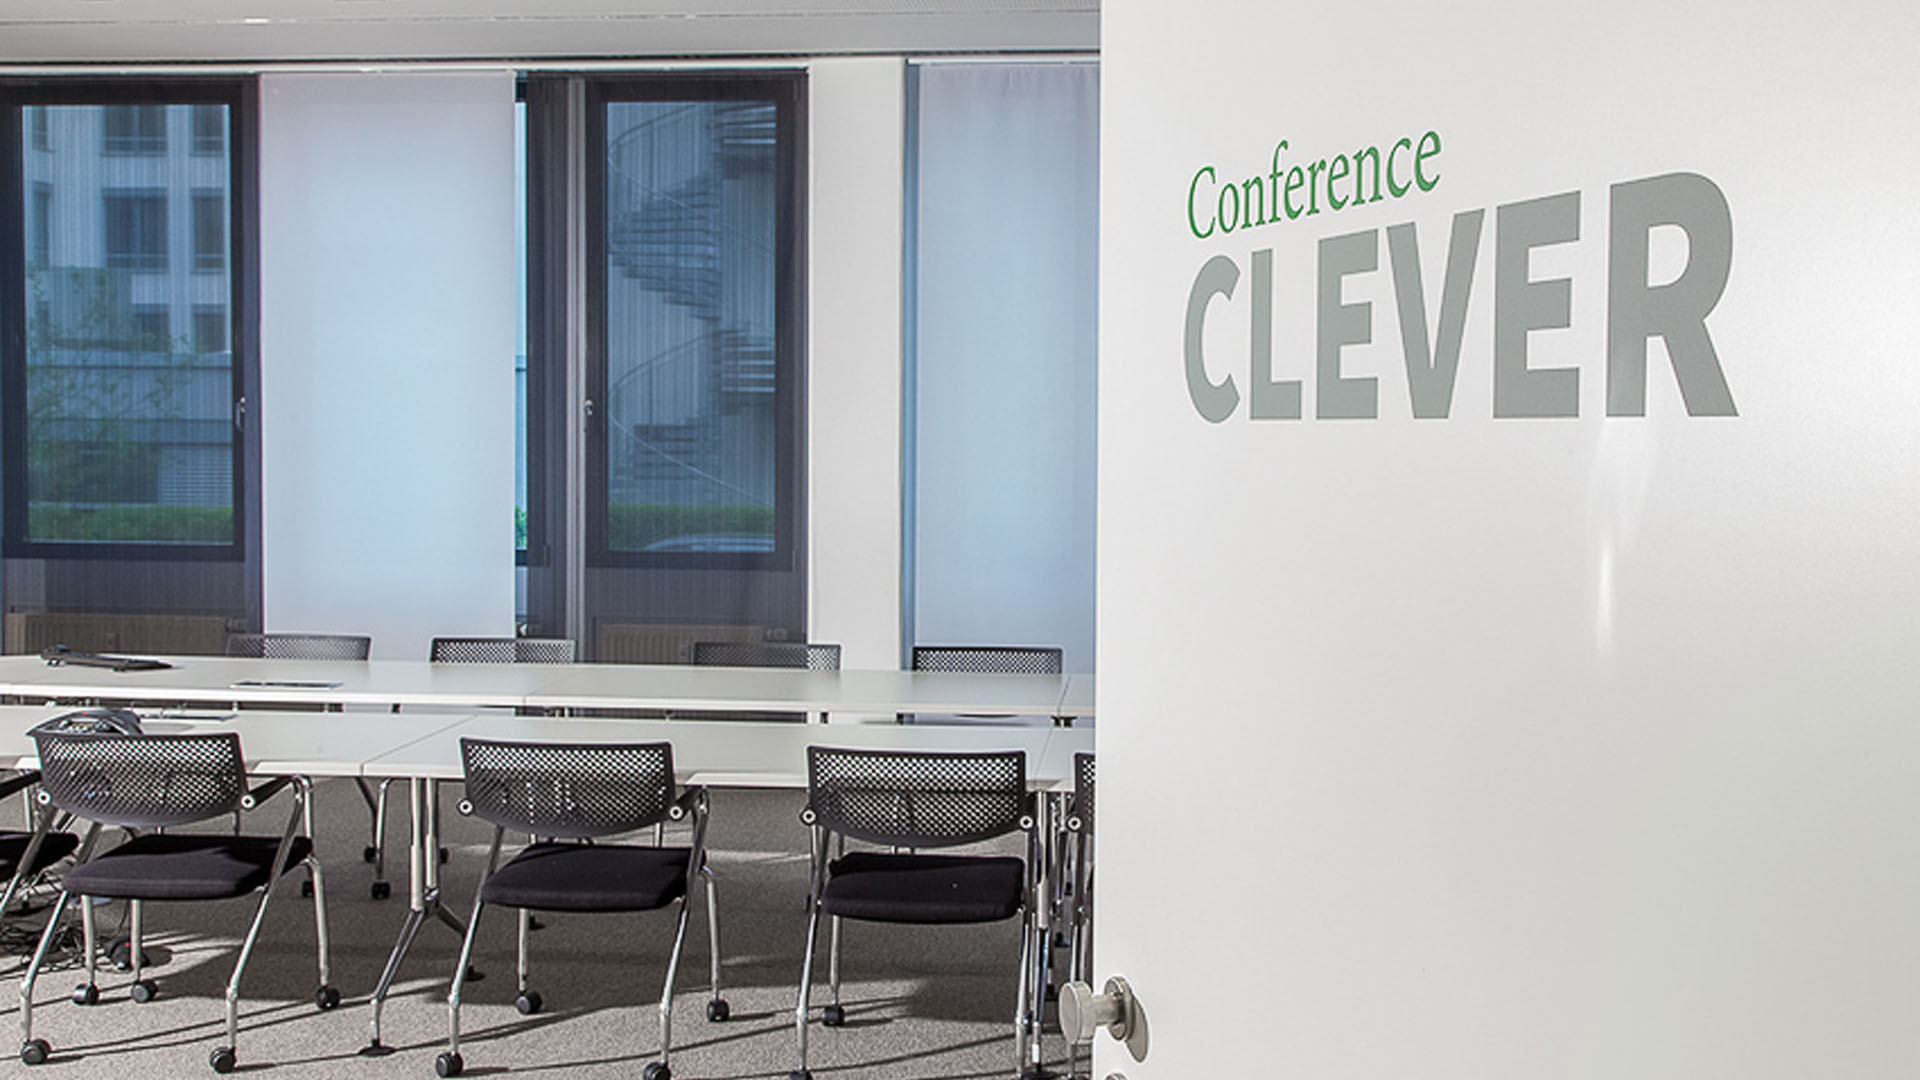 MAASS-Lichtplanung_Planung von Konferenzzentrum__MAASS-Trilounge-010